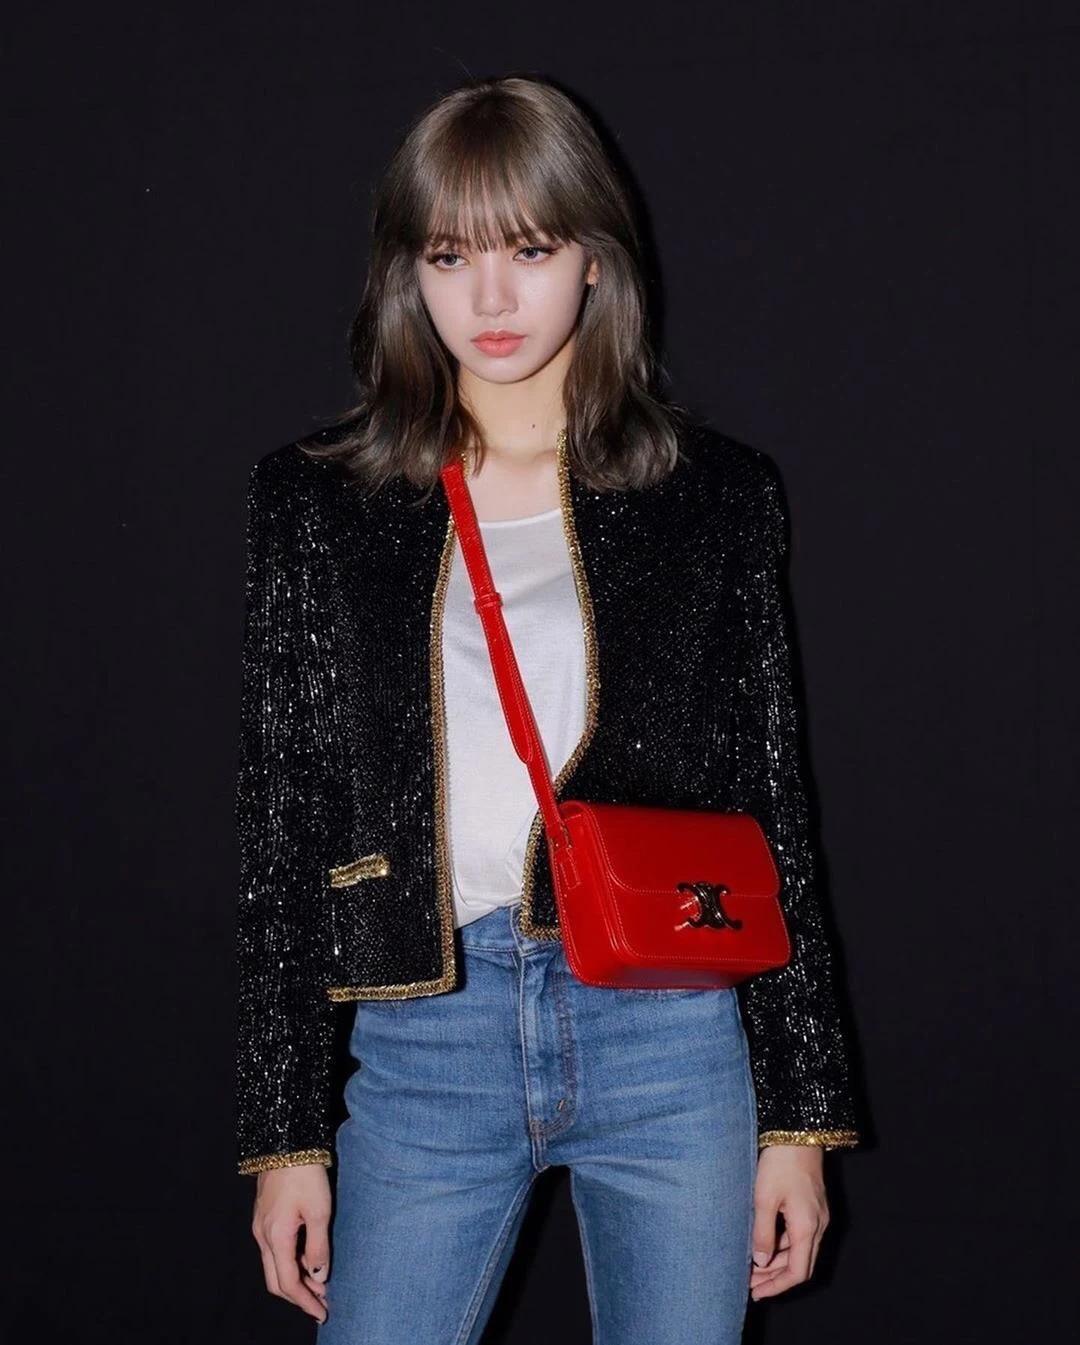 Tại Paris Fashion Week 2019, Lisa diện cả cây đồ của Celine theo phong cách menswear. Trang phục cảm hứng quân đội của cô nàng có tổng giá trị khoảng vài trăm triệu đồng.